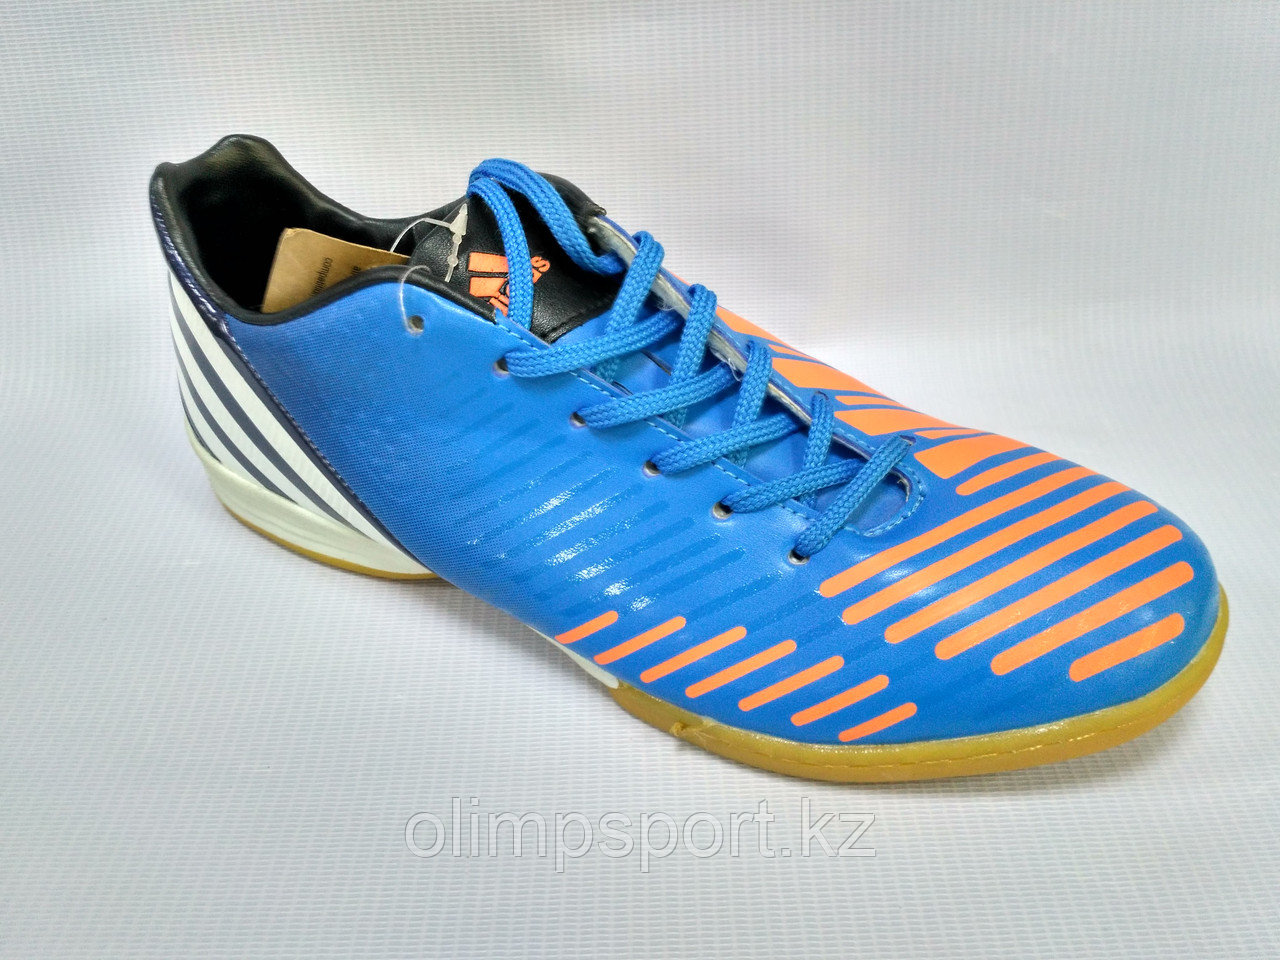 Футзалки (мини футбол) Adidas